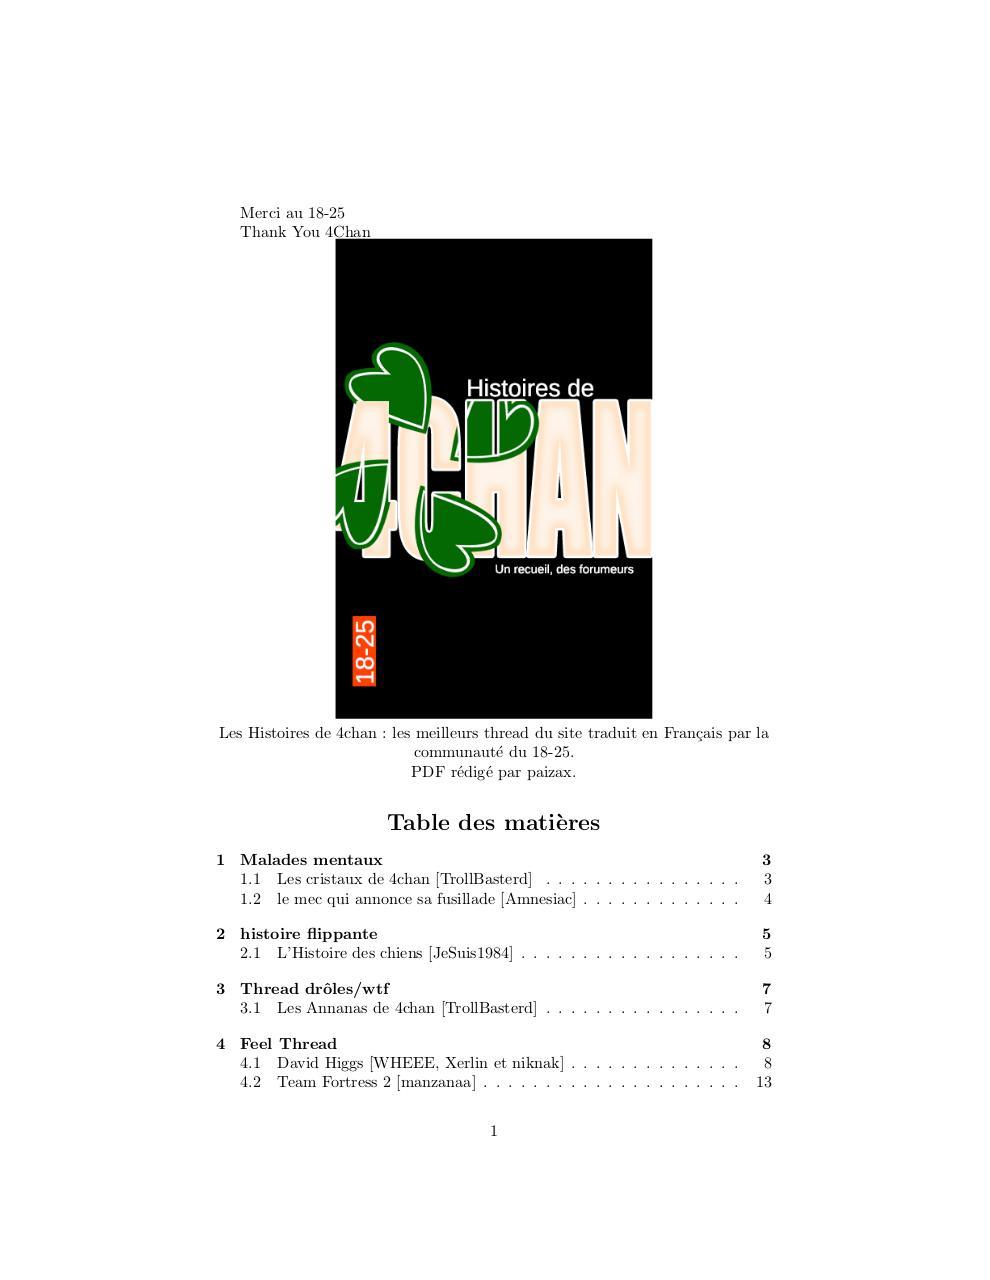 Les histoires de 4chan par paizax - Fichier PDF